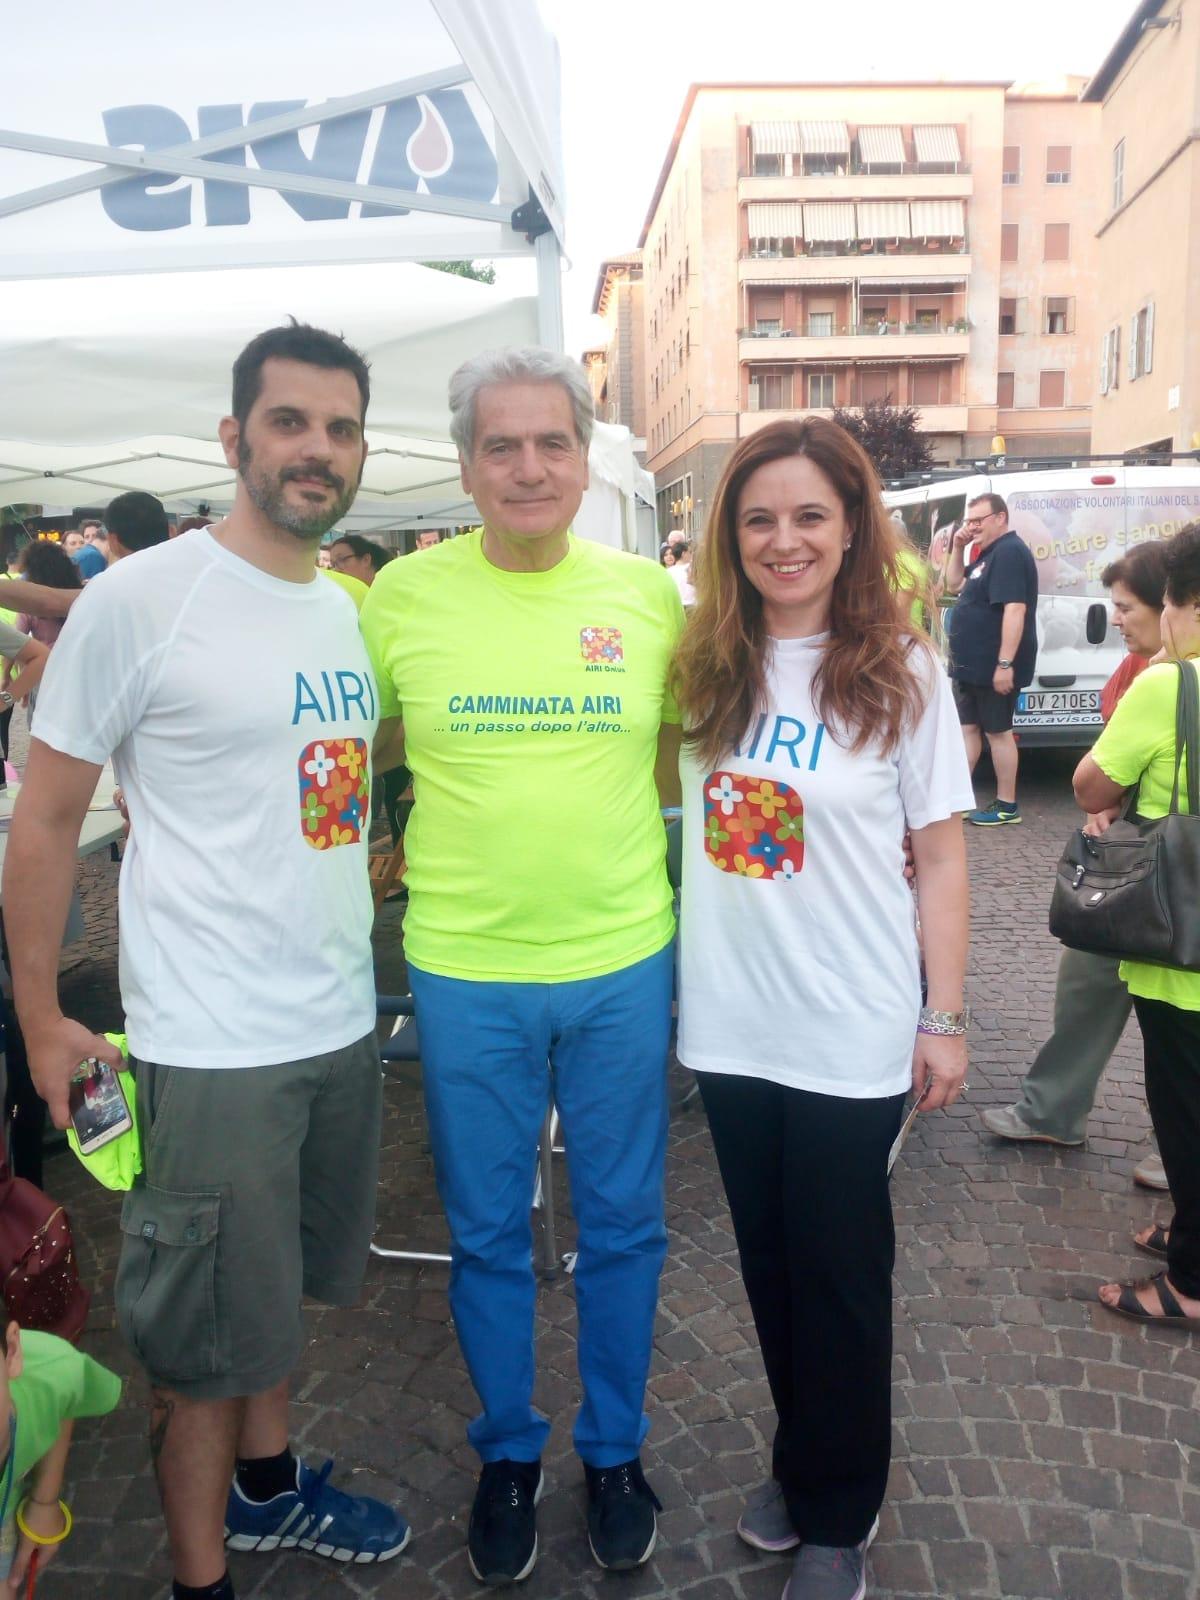 Claudio Pagliarello e Francesca Brodo (vicepresidente Airi) con il sindaco di Viterbo Giovanni Arena